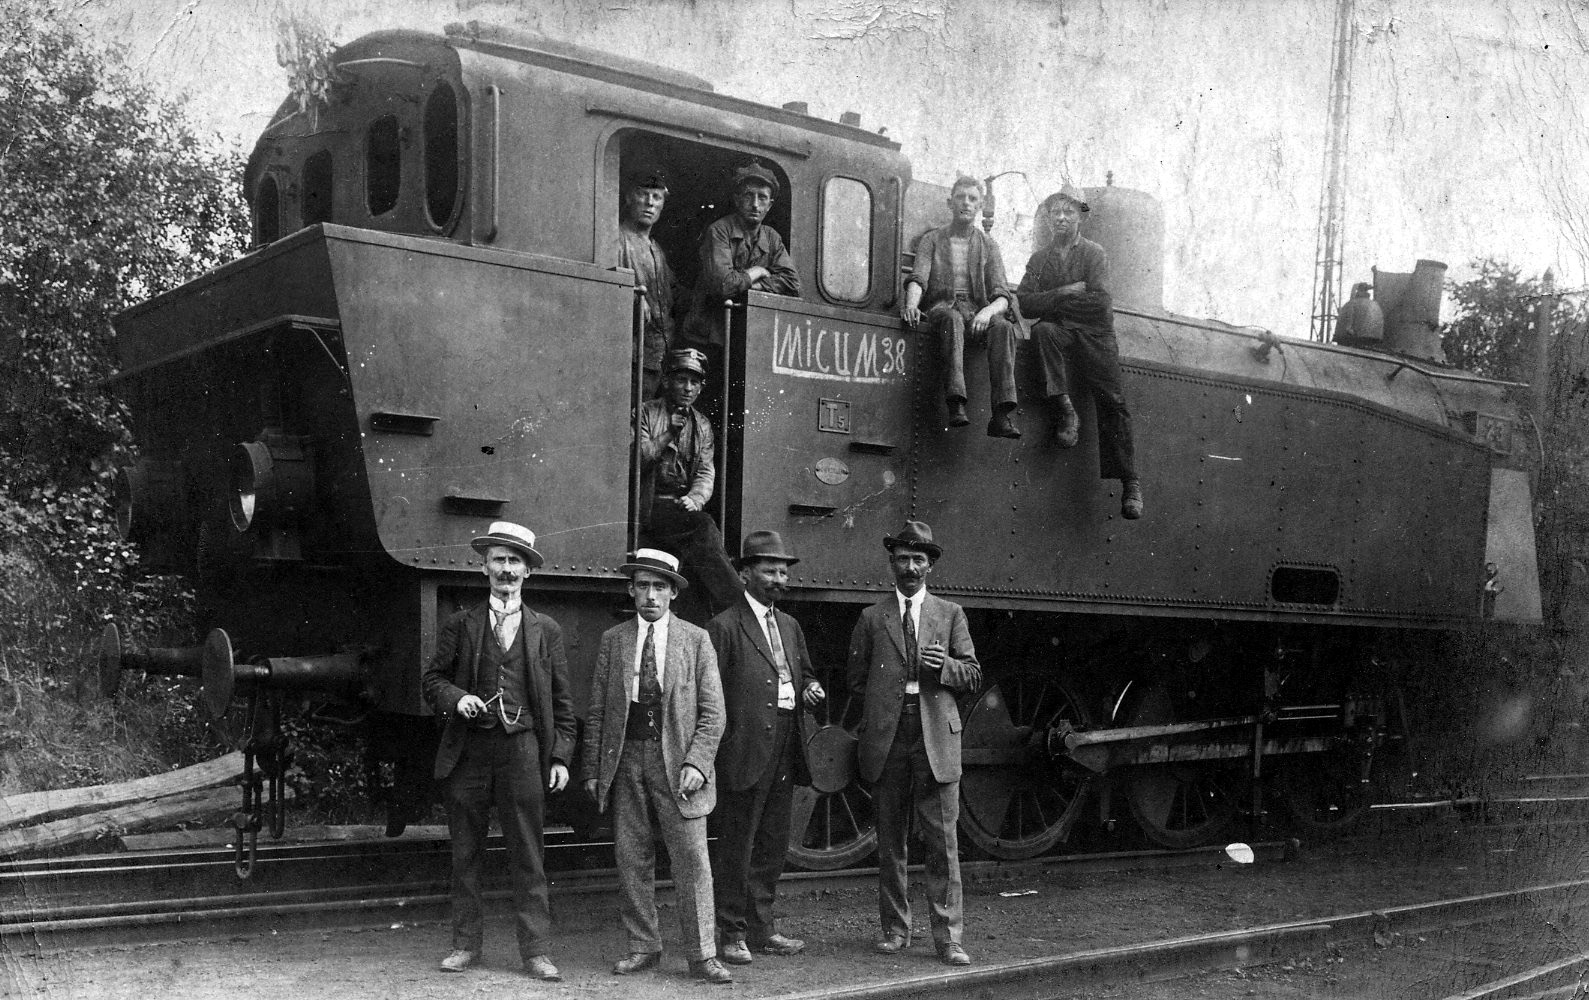 Zechenlokomotive Victor-Ickern beschlagnahmt von der französichen Besatzungsmacht-Ruhrbesetzung   1923